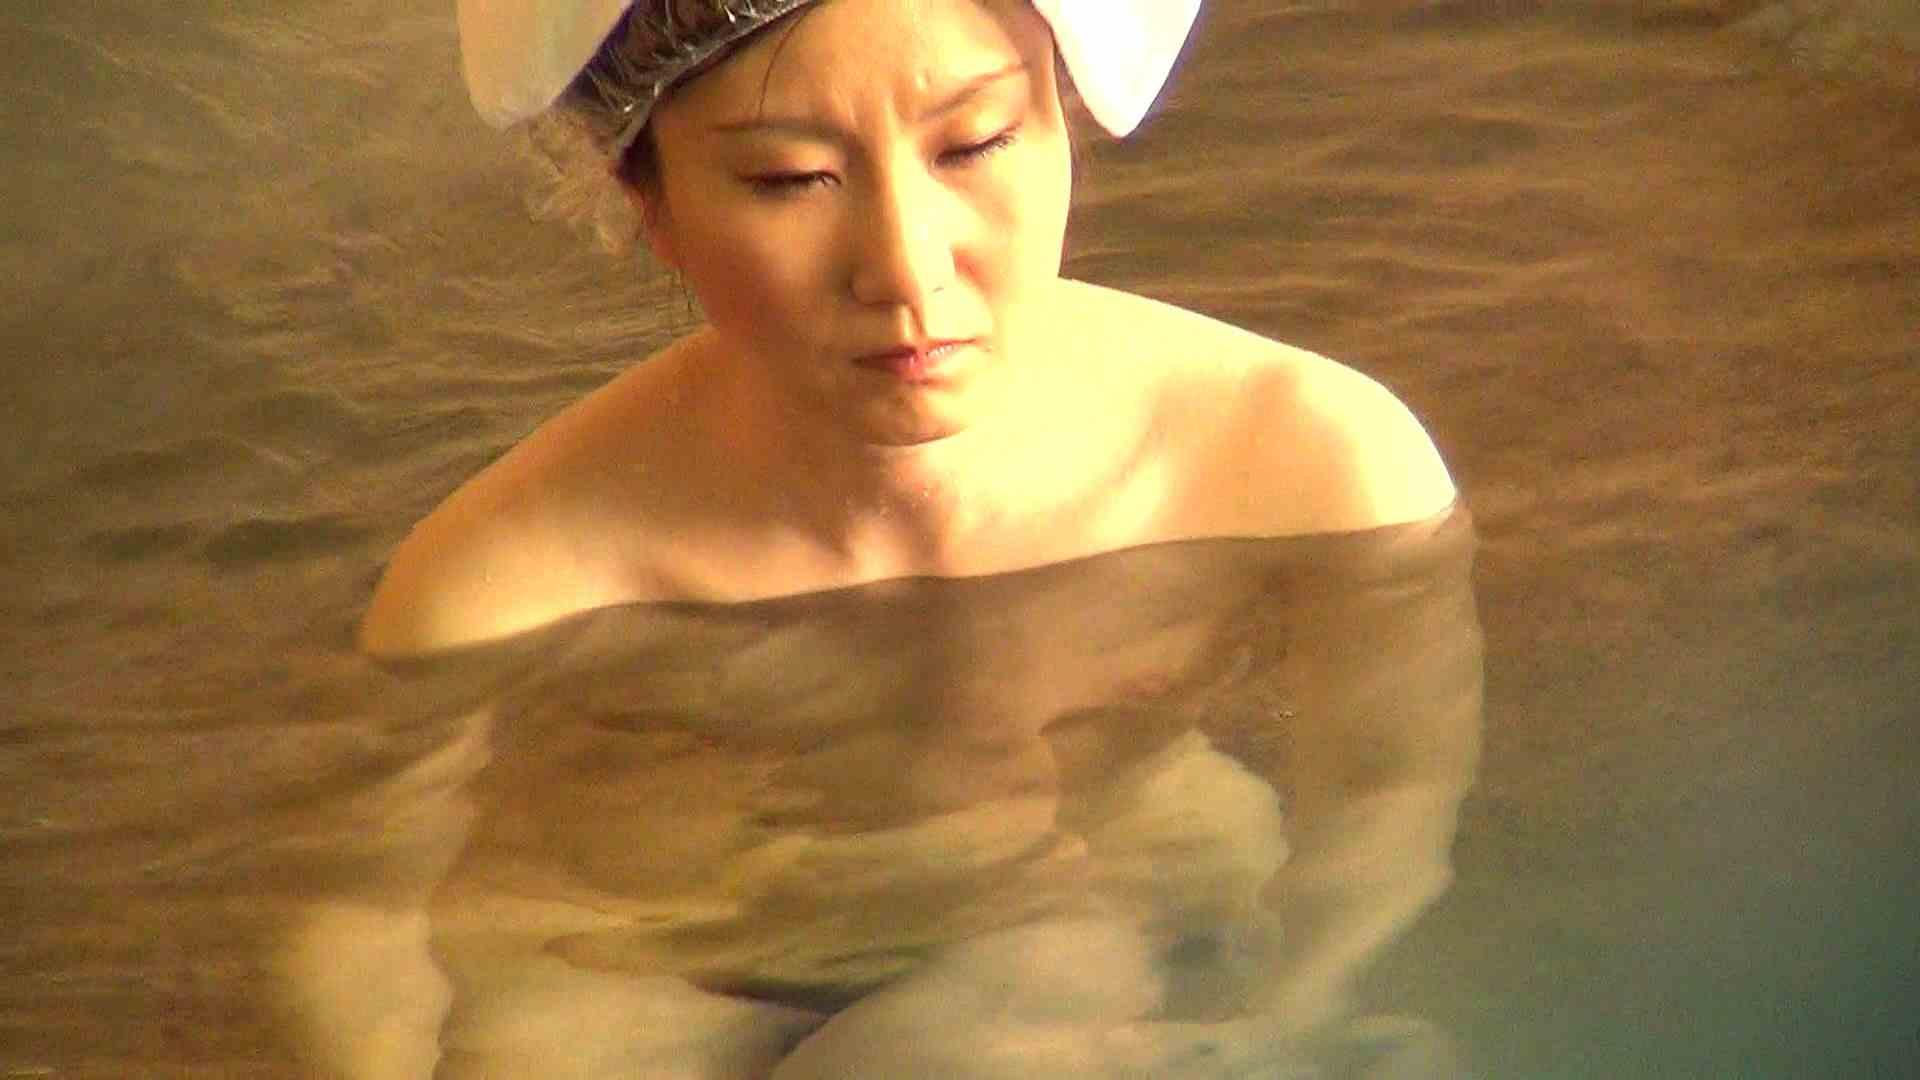 Aquaな露天風呂Vol.278 盗撮シリーズ  100PIX 62